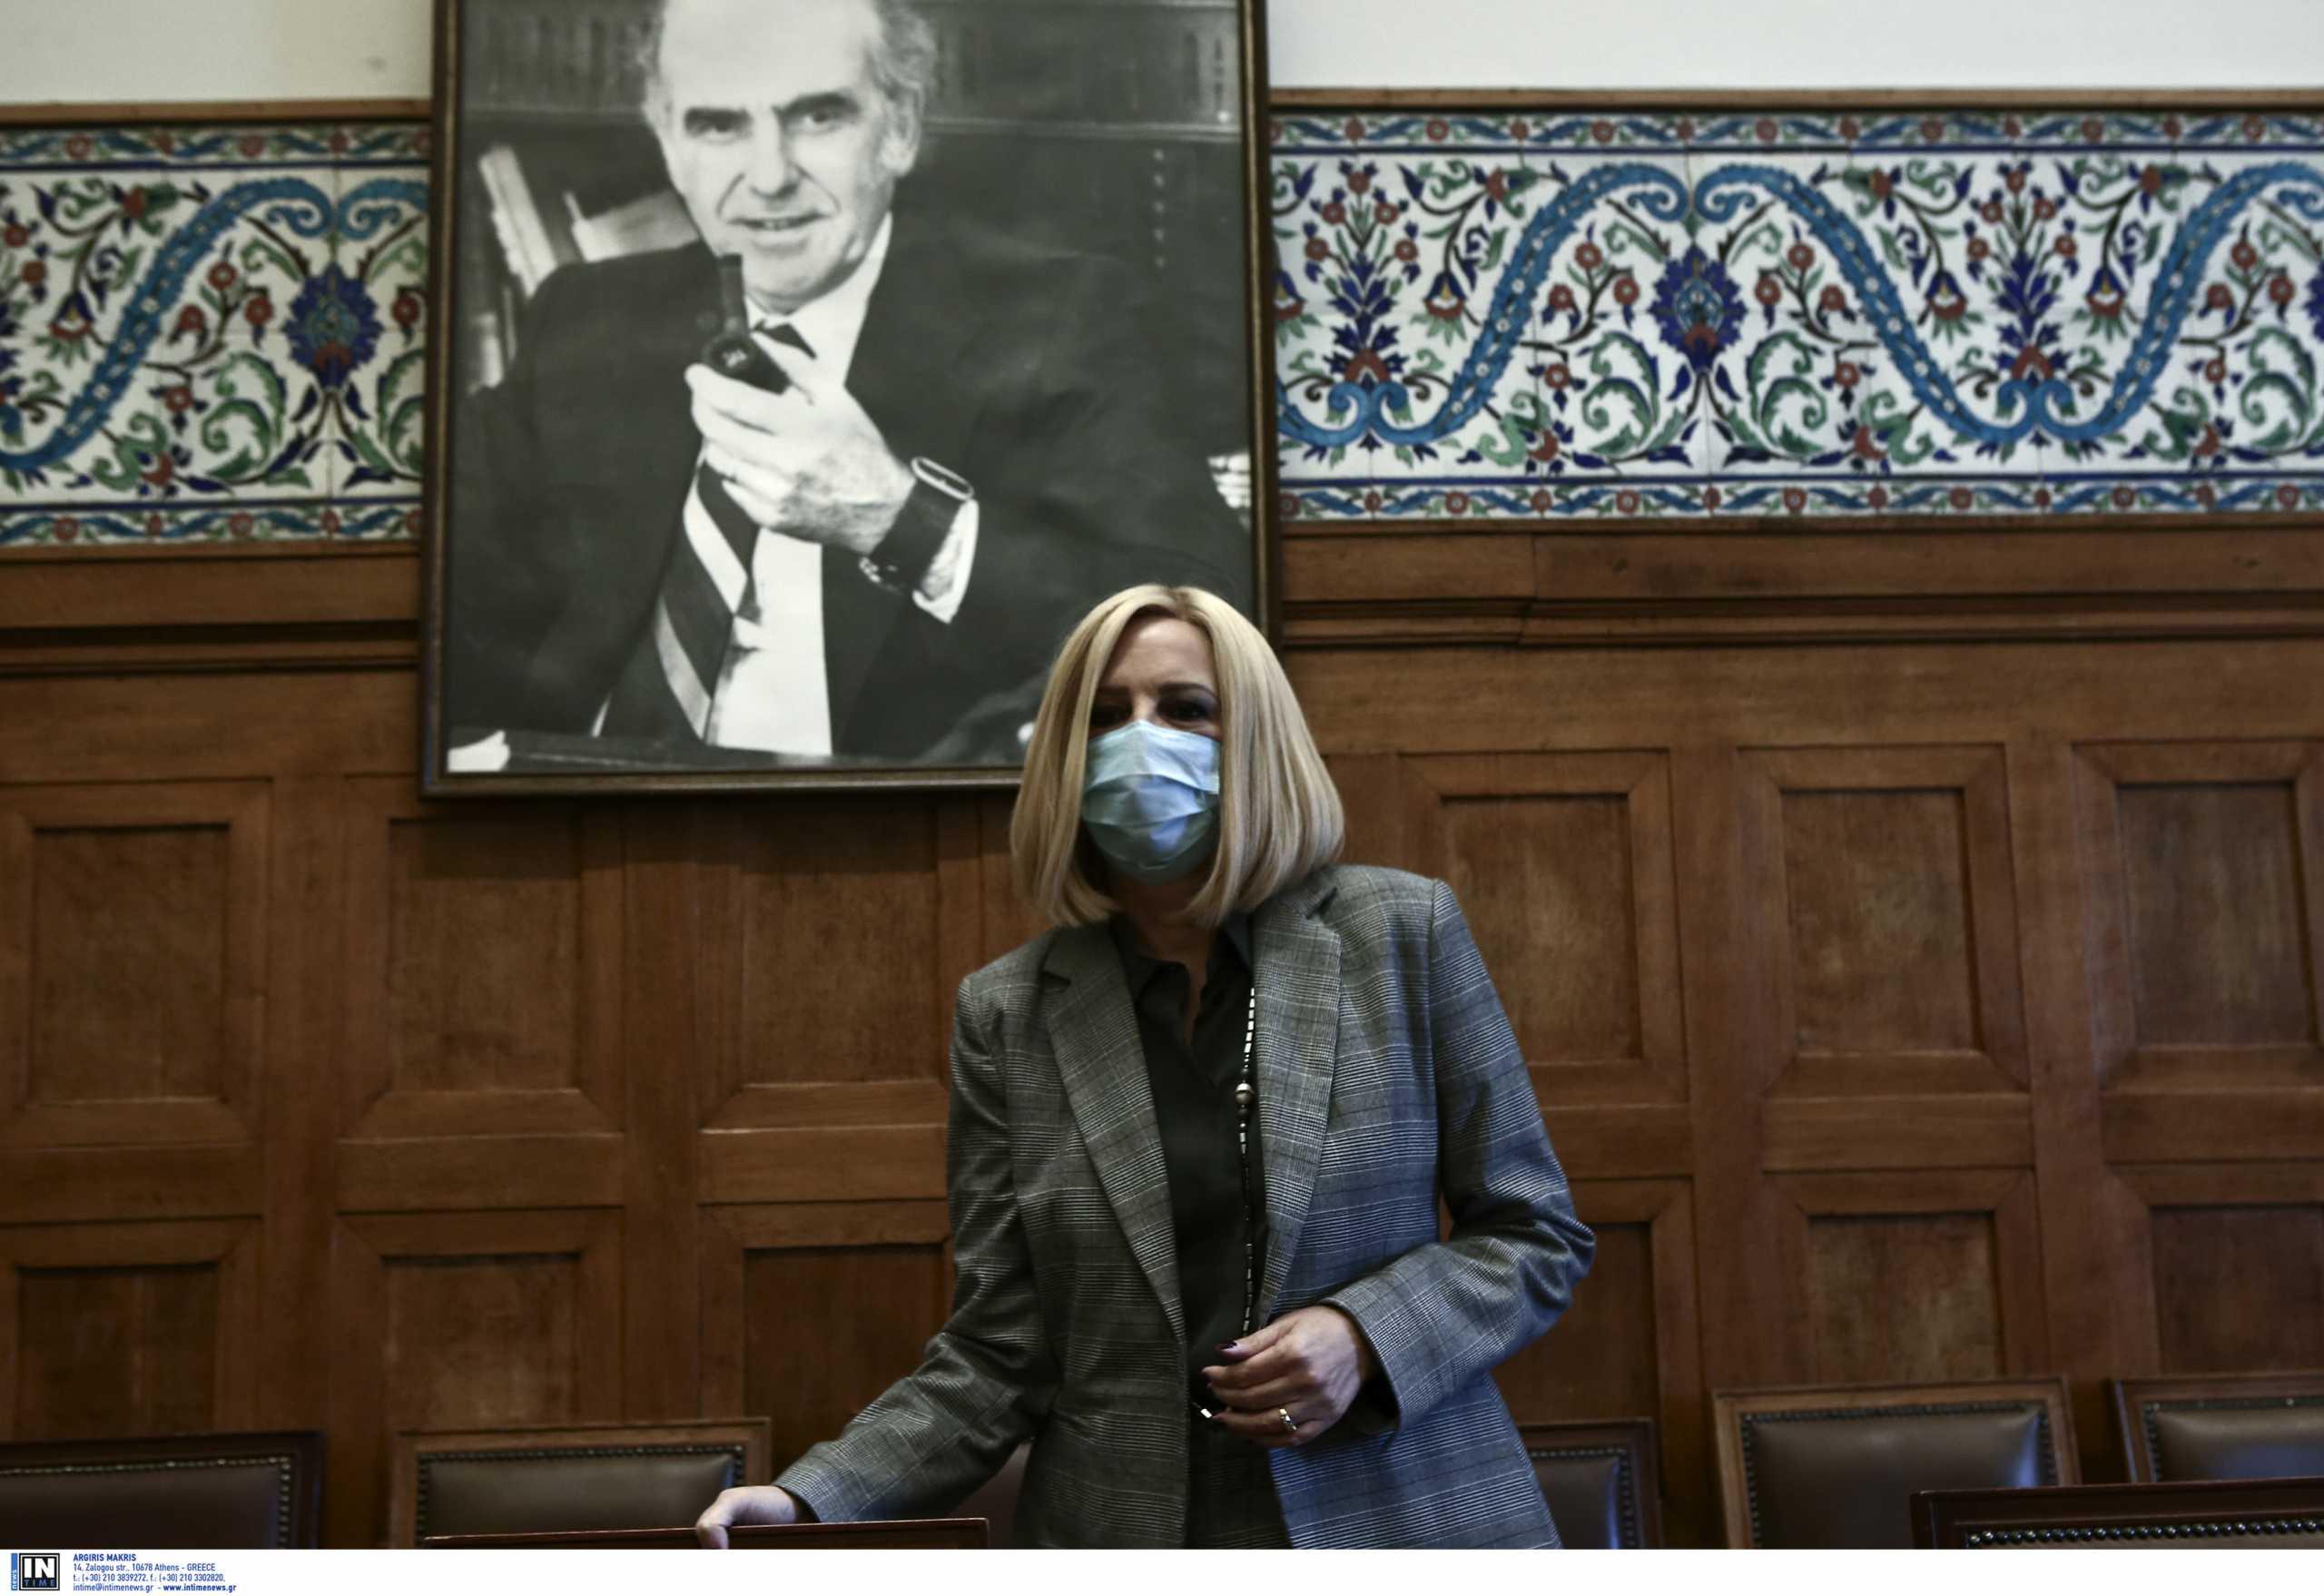 Φώφη για Ανδρέα Παπανδρέου: «Ο Ανδρέας και το ΠΑΣΟΚ παραμένουν βαθιά μέσα στην καρδιά του ελληνικού λαού»